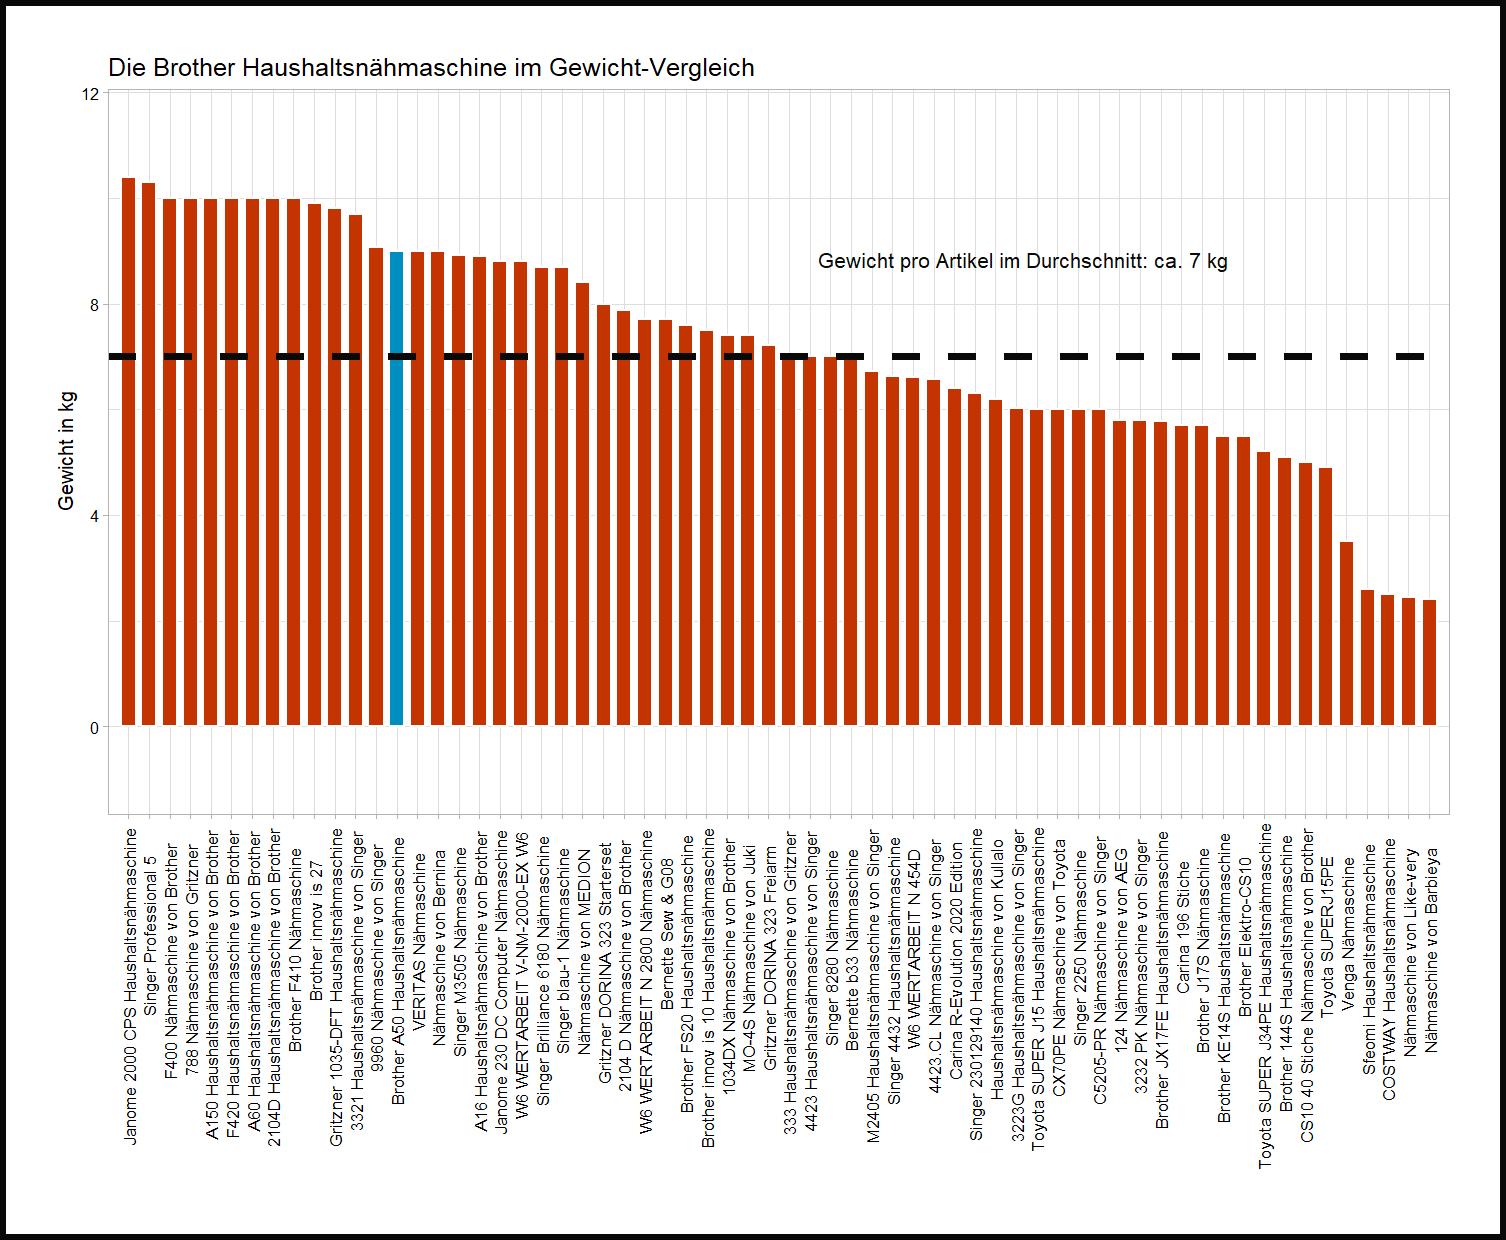 Gewicht-Vergleich von der Brother Haushaltsnähmaschine A50